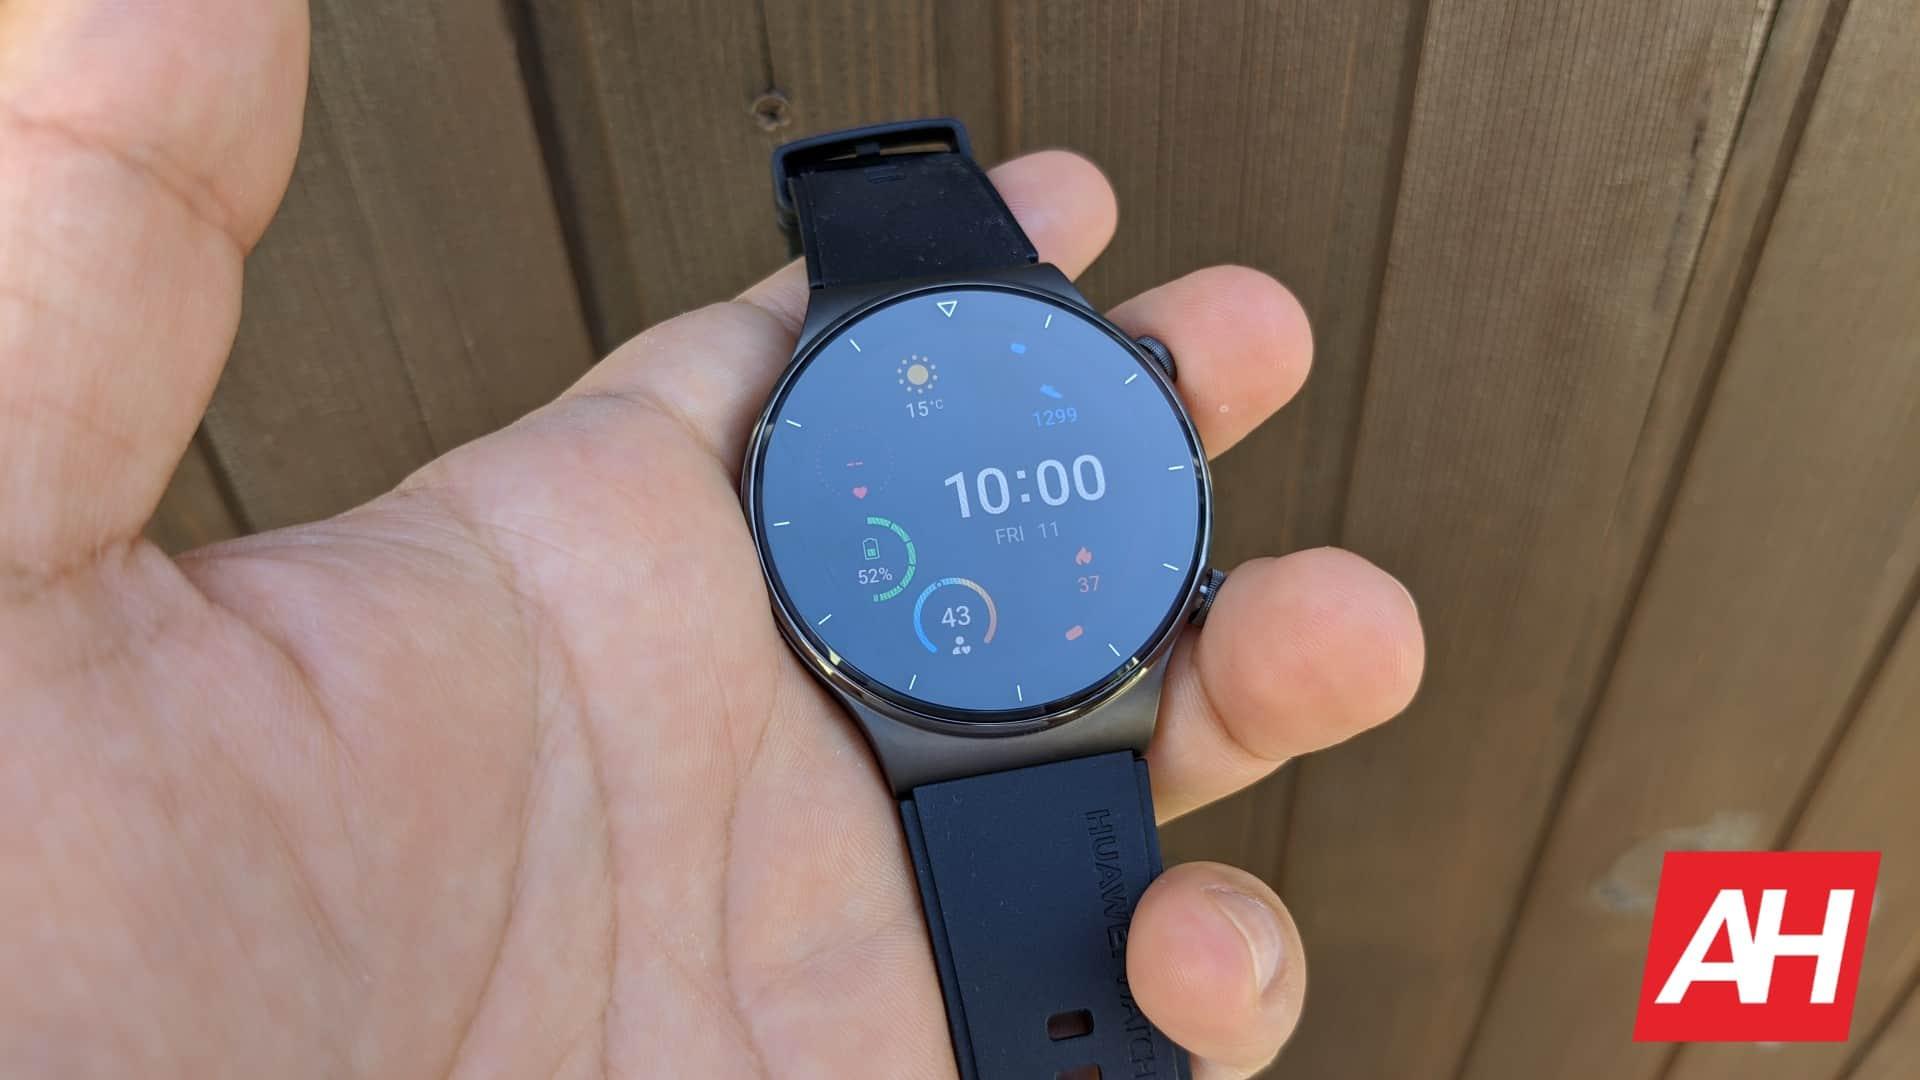 AH Huawei Watch GT 2 Pro 10